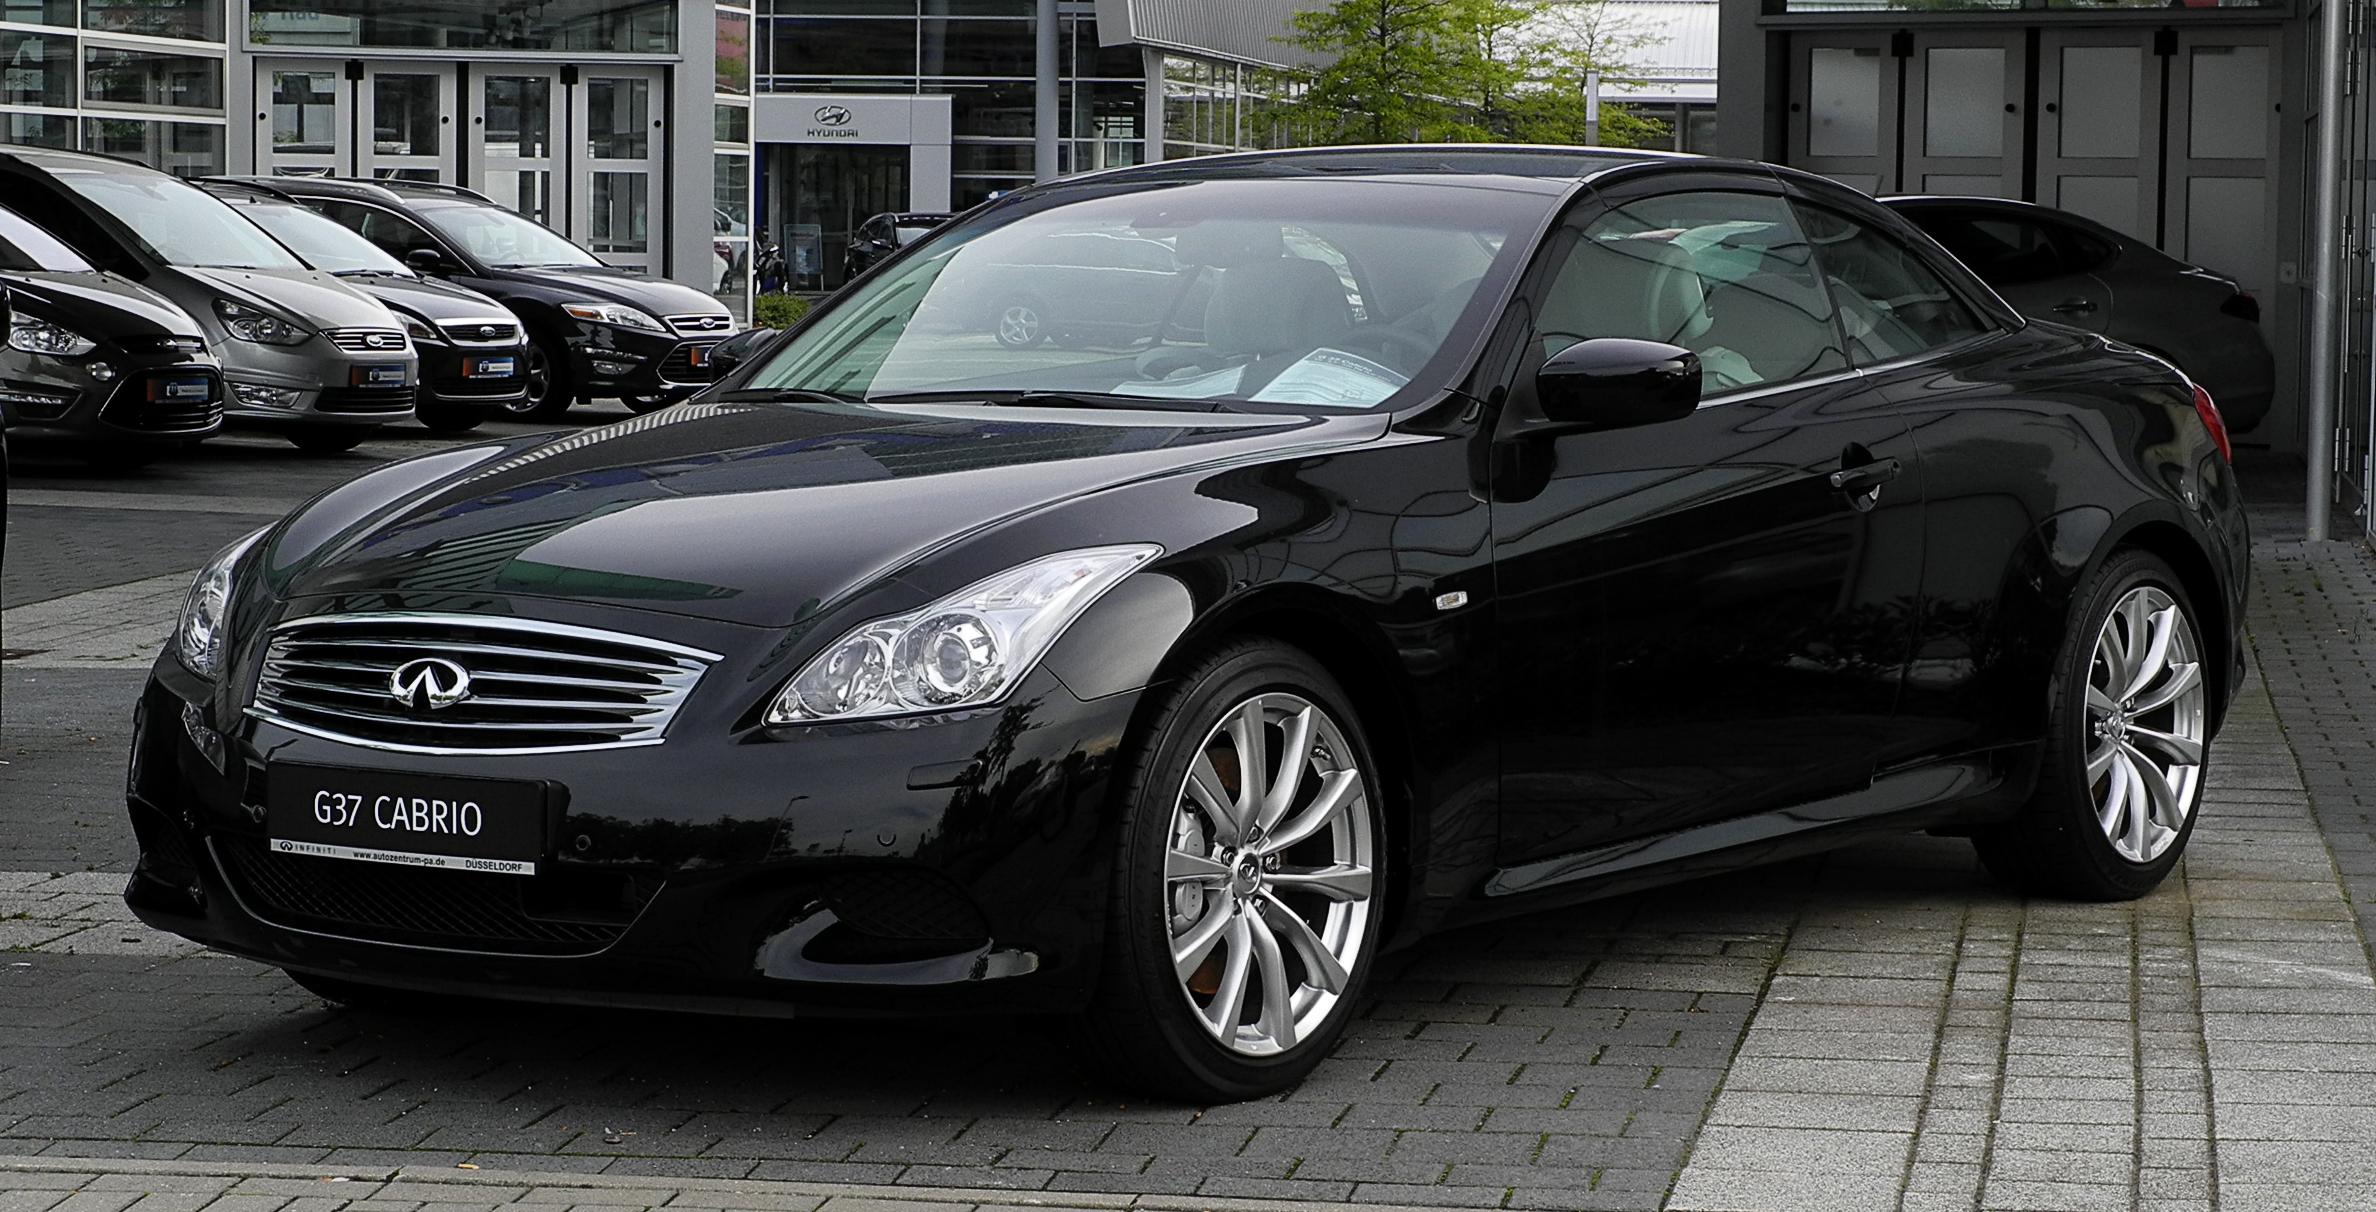 Black Infinity Car Seats Black Wood Grain Dash